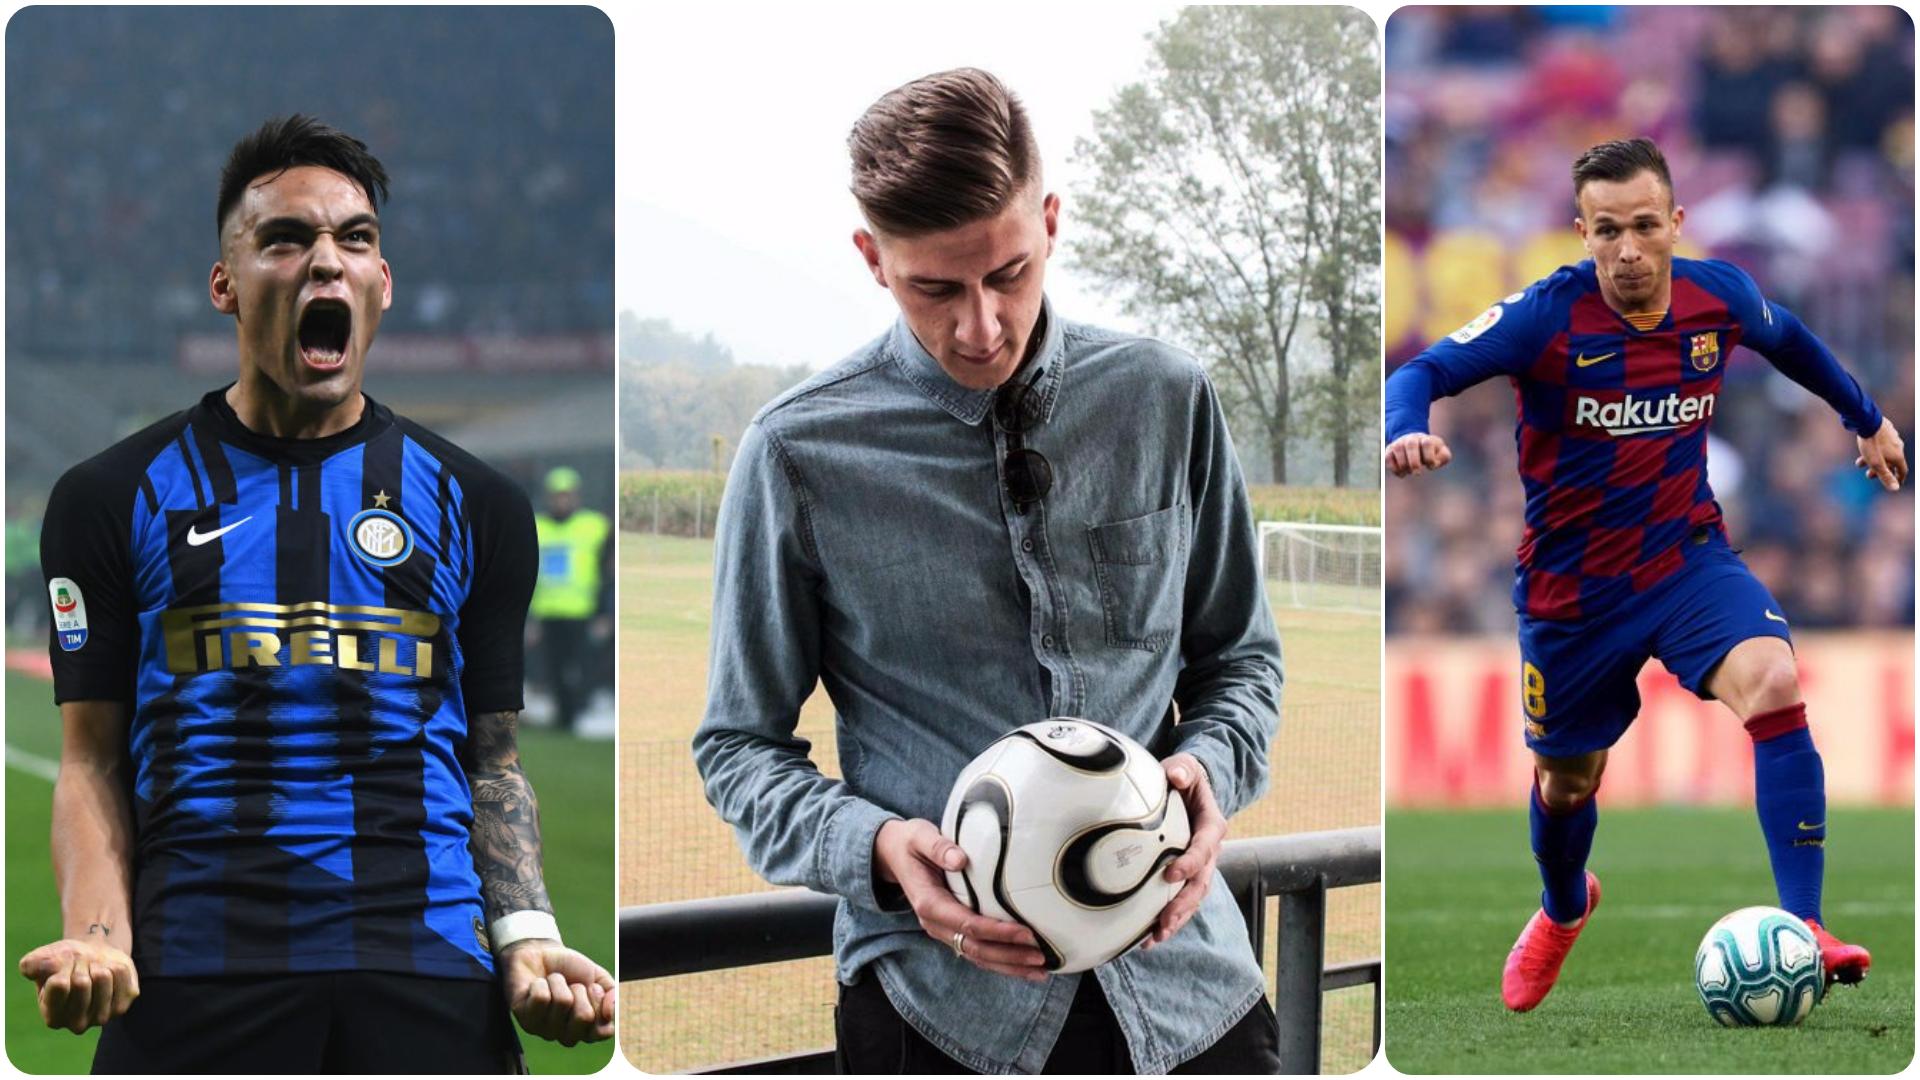 Da Arthur a Lautaro, passando per tante possibili sorprese dal calcio sudamericano. Torna la consueta chiacchierta con Daniele Pagani su MP.